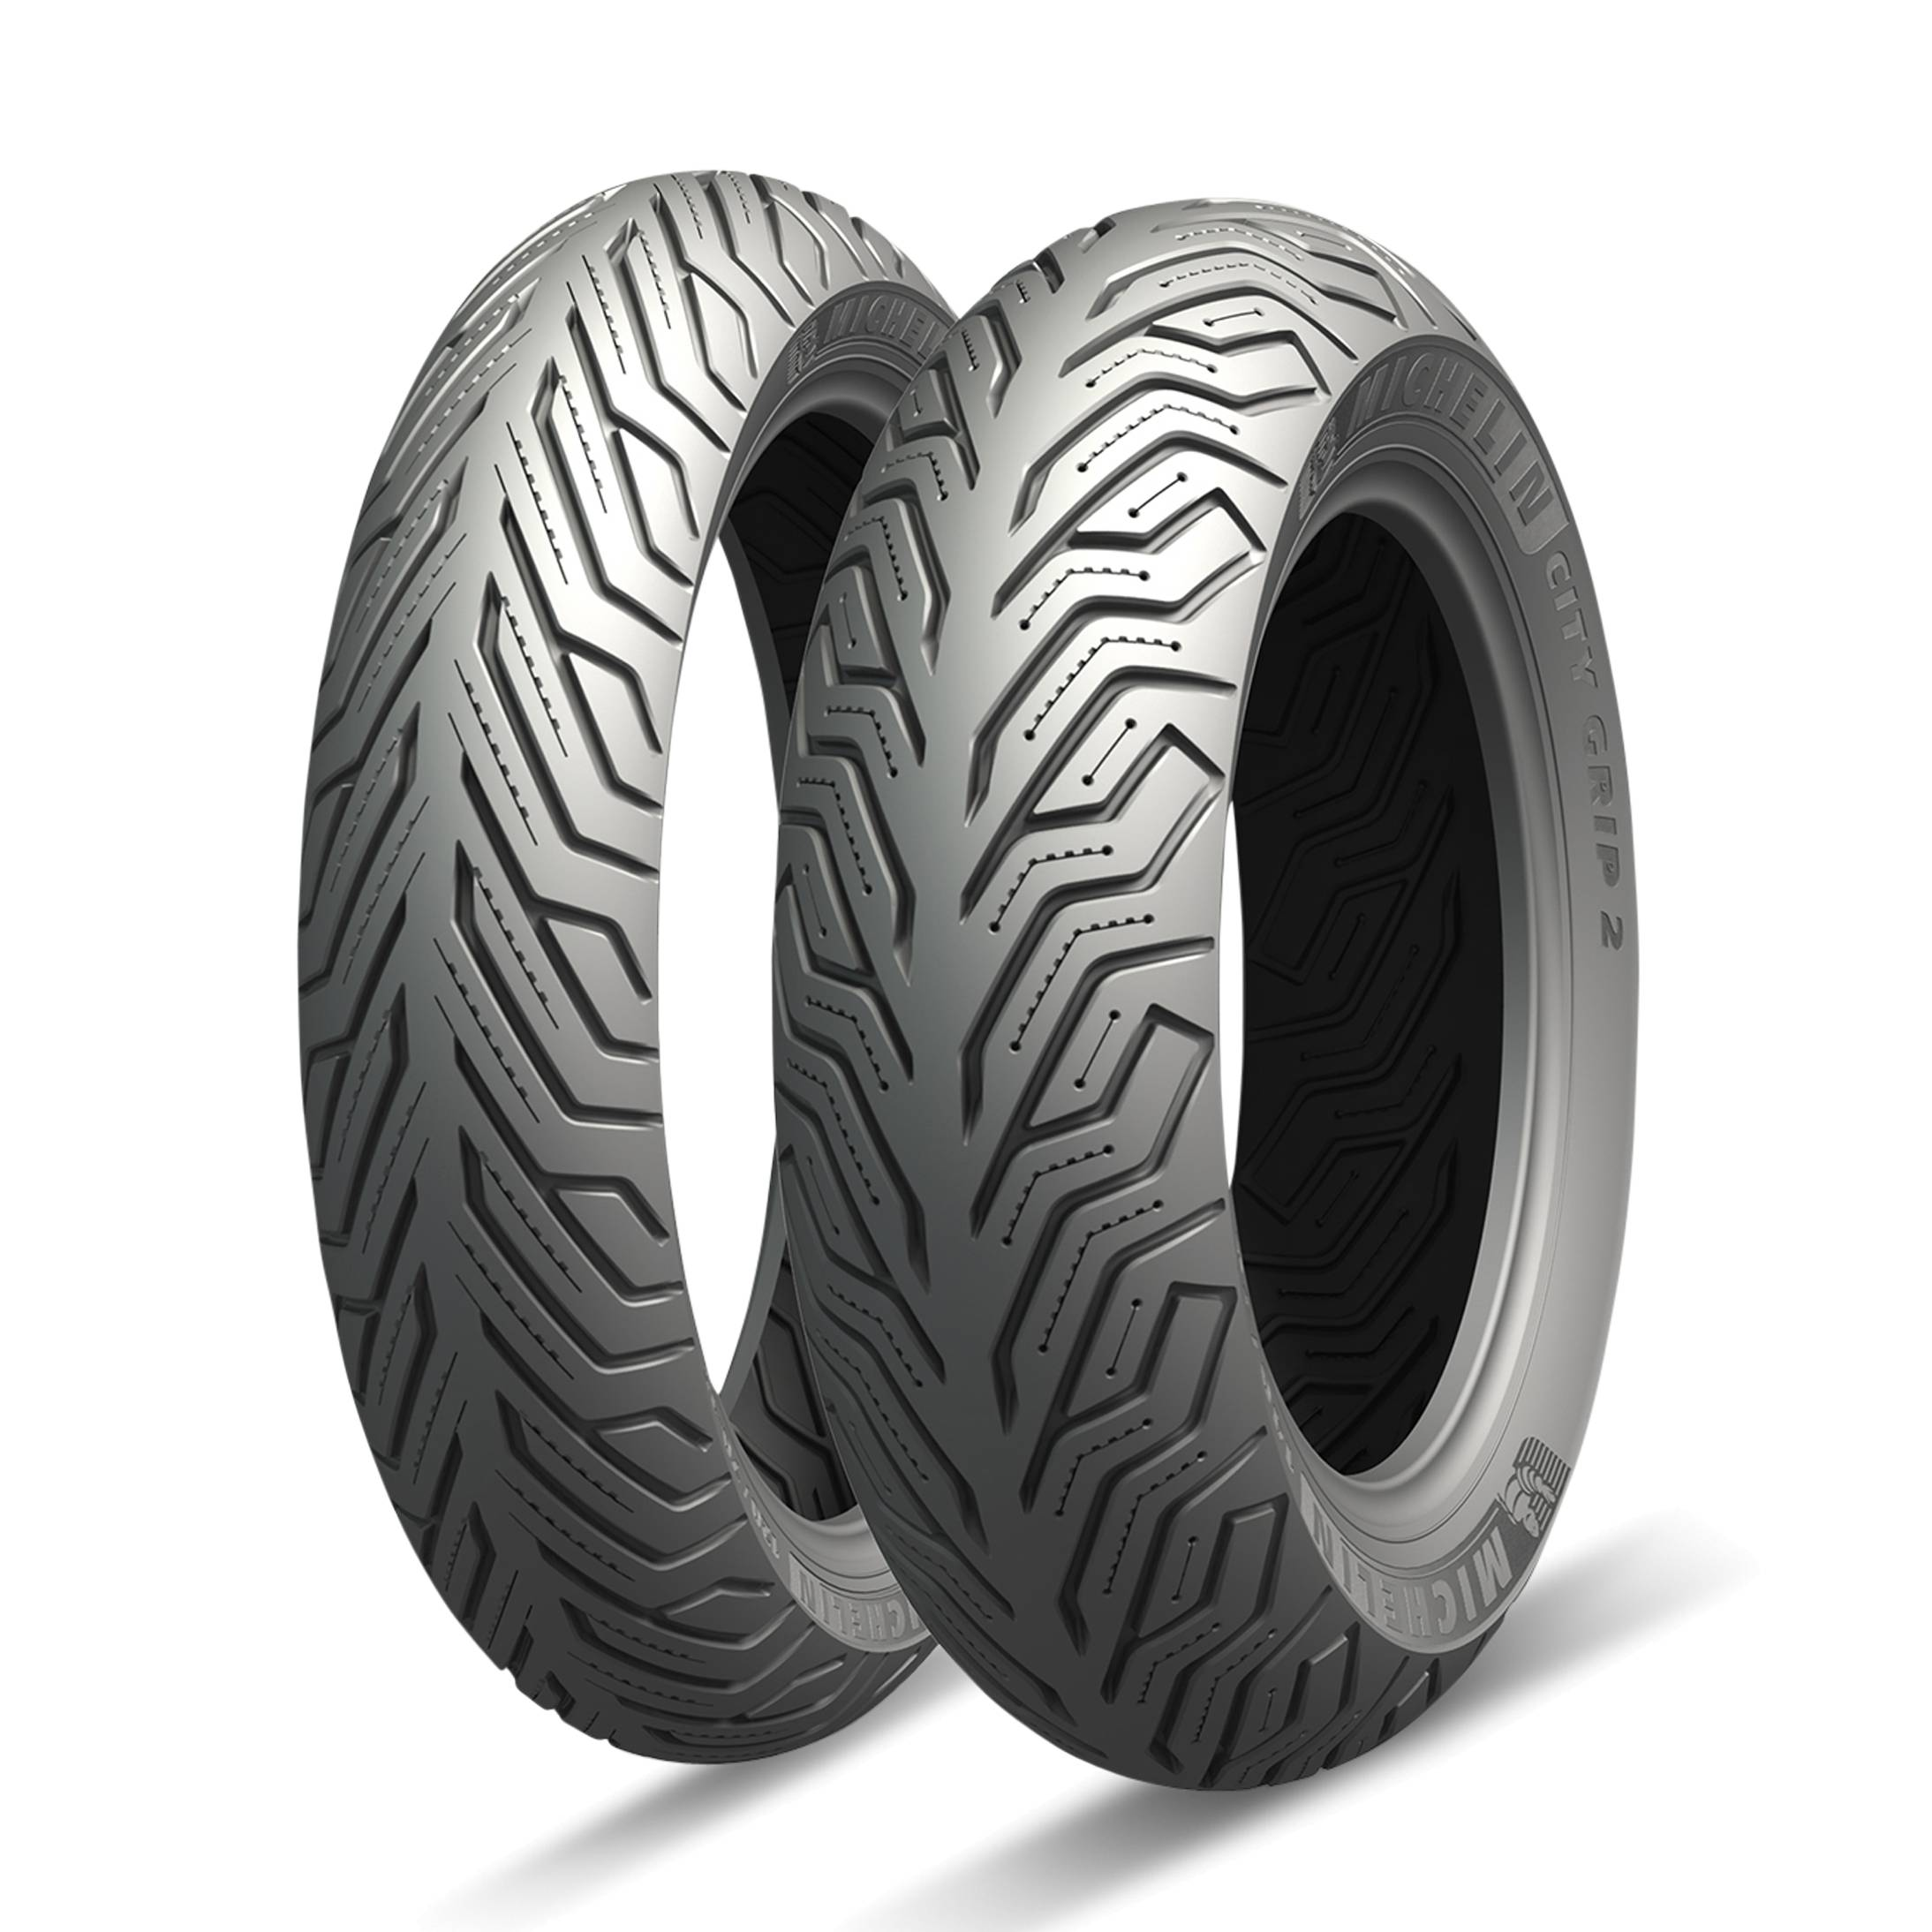 Michelin Pneumatico Anteriore/Posteriore per Scooter  City Grip 2